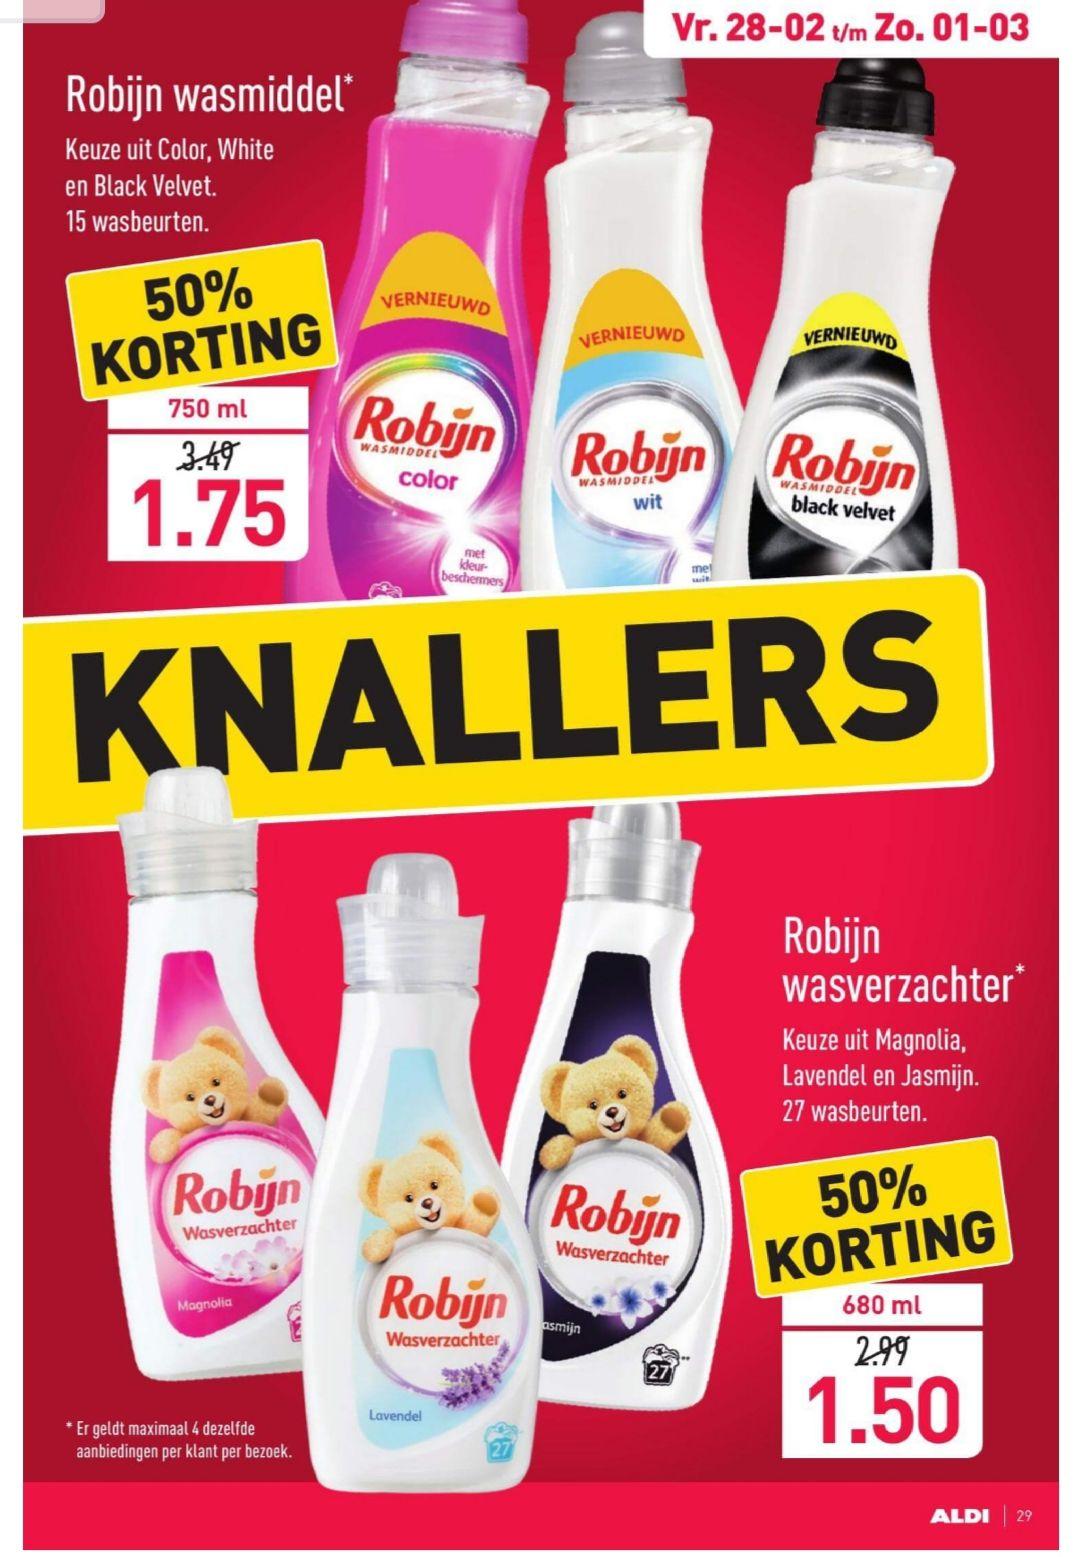 Robijn wasmiddel en wasverzachter €1.50/€1.75 @Aldi